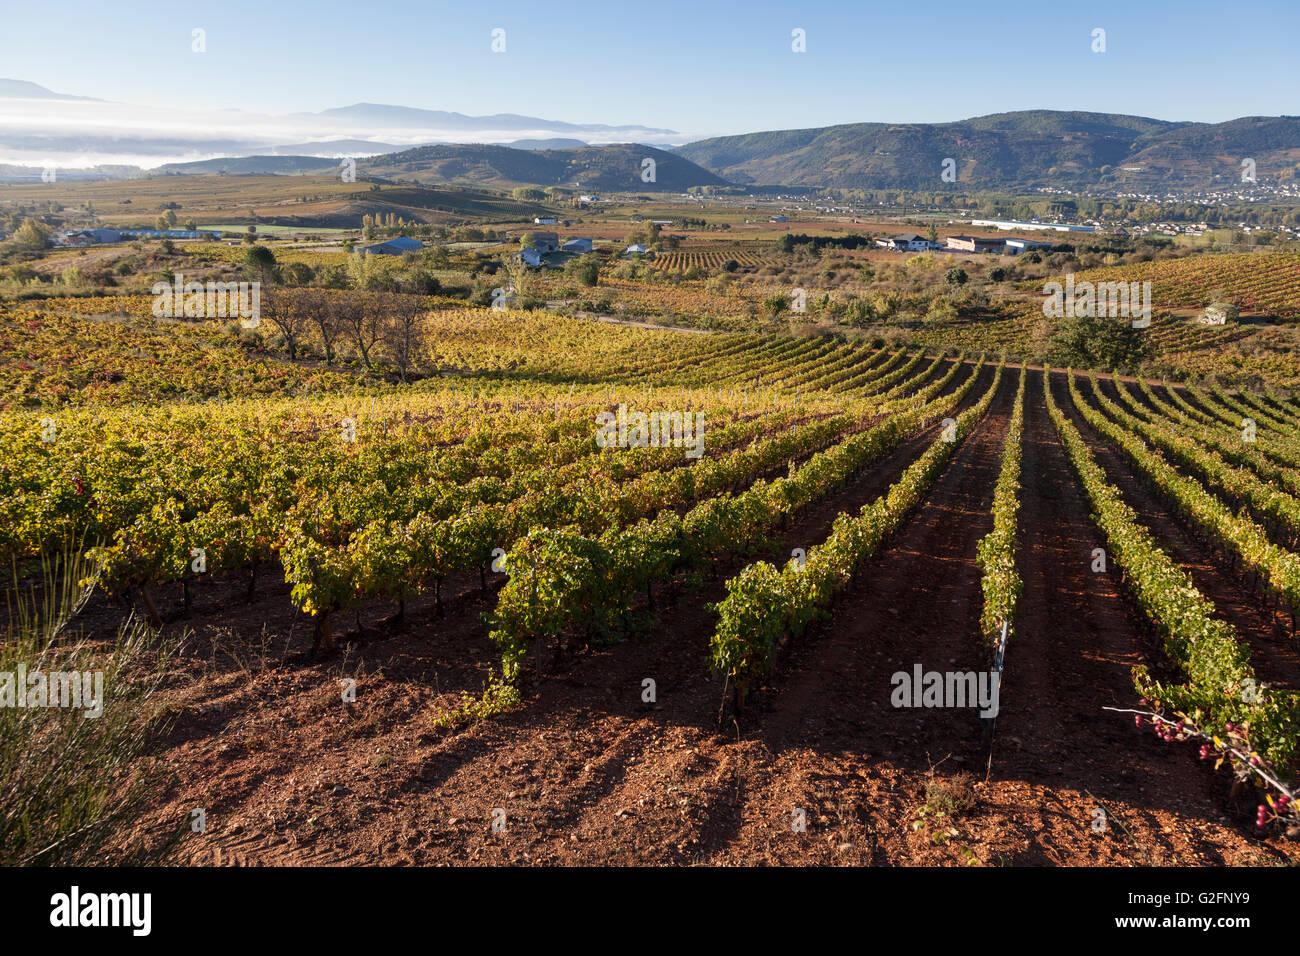 Villafranca del Bierzo, Spain: Vineyards along the Camino Francés. - Stock Image